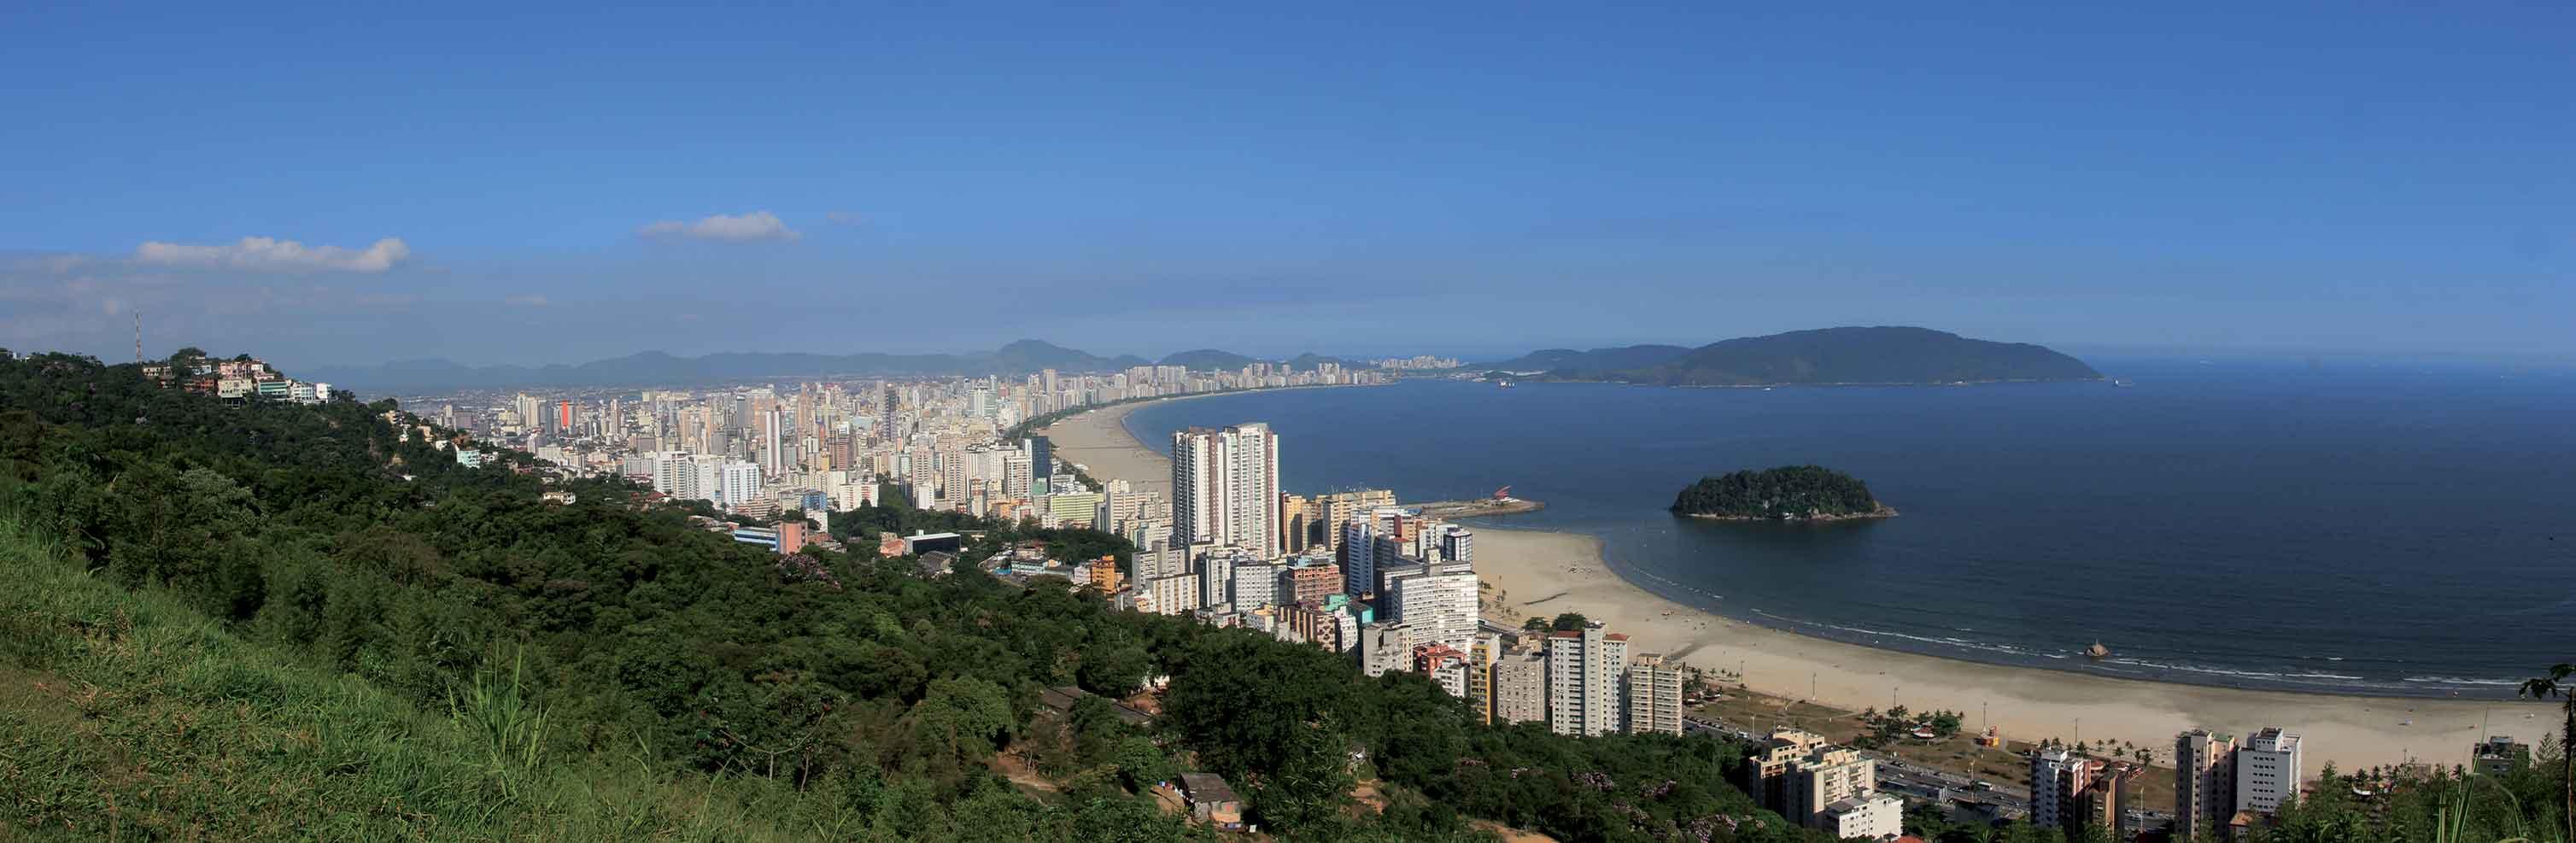 Santos: o maior jardim de praia do mundo- Vista panorâmica das praias de Santos